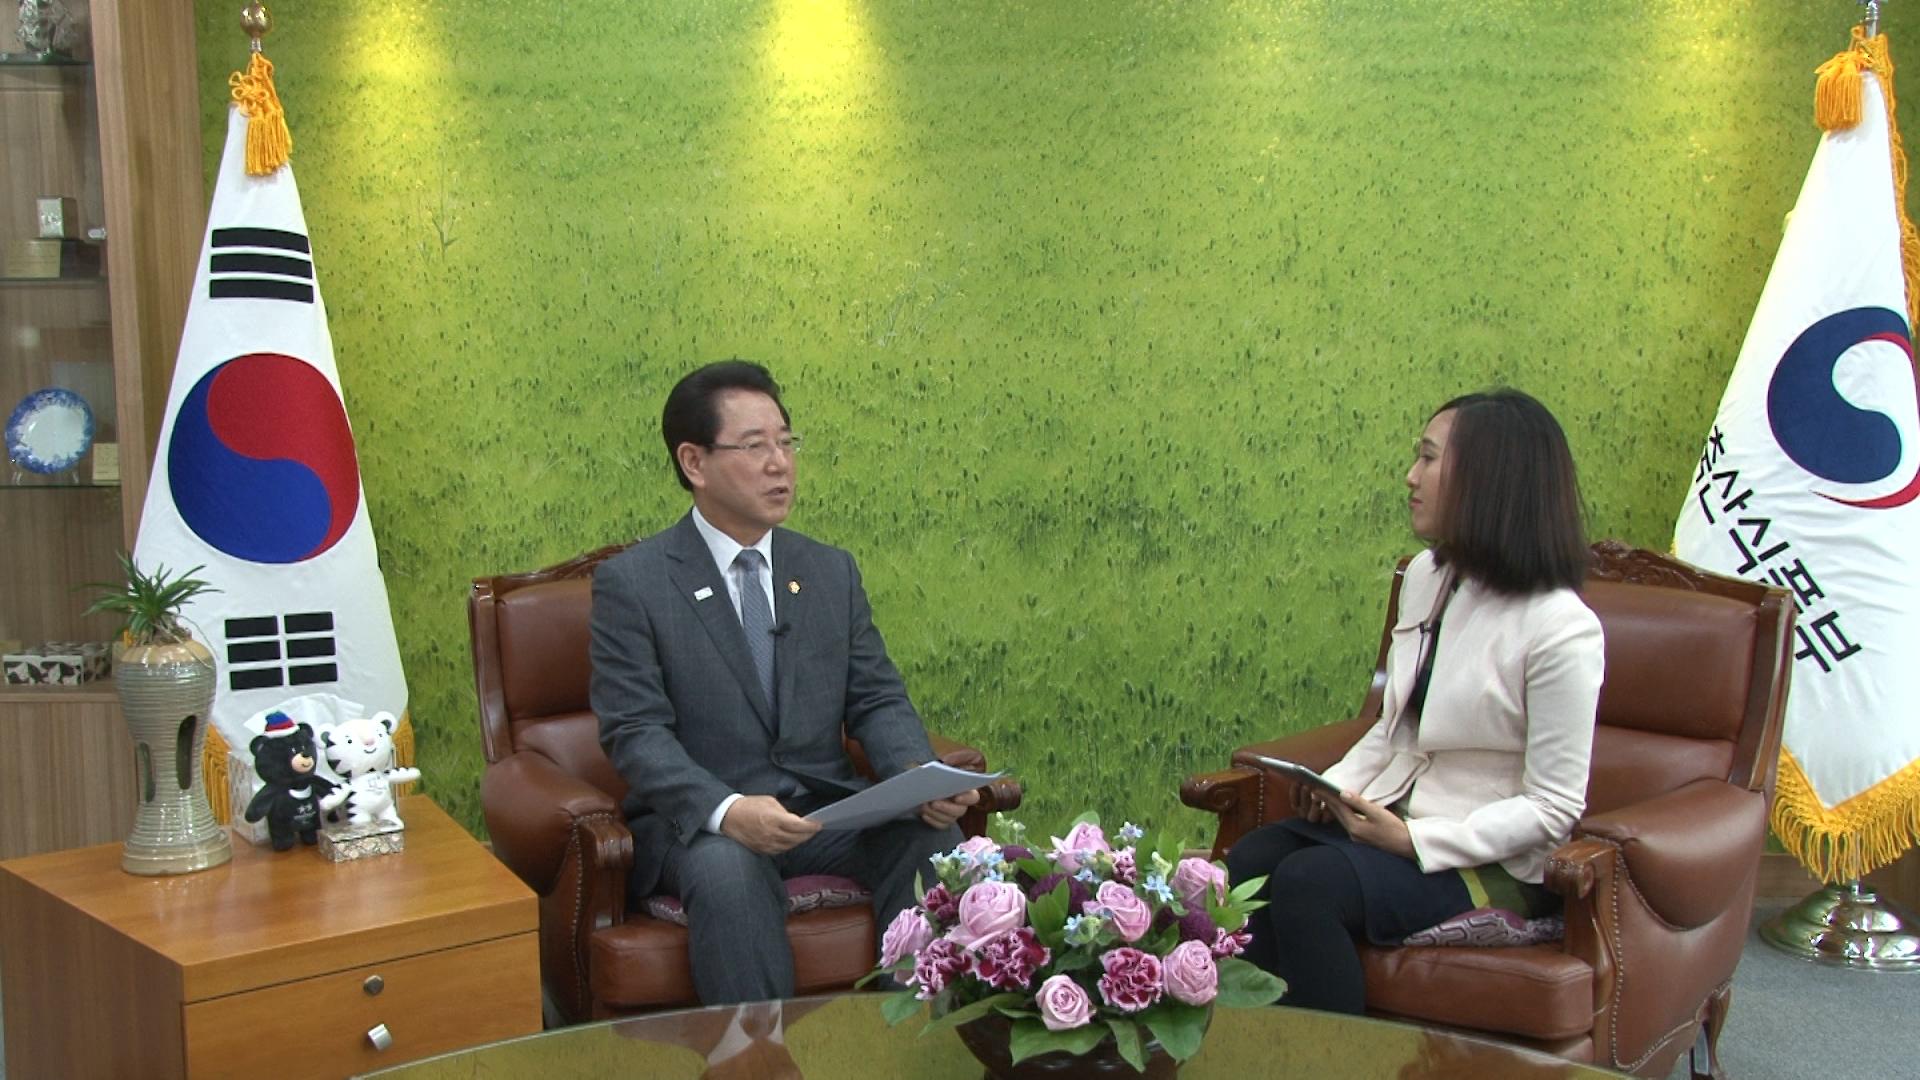 افتتاح قمة الغذاء في بيونغ تشانغ لعرض ثقافة الطعام الكوري